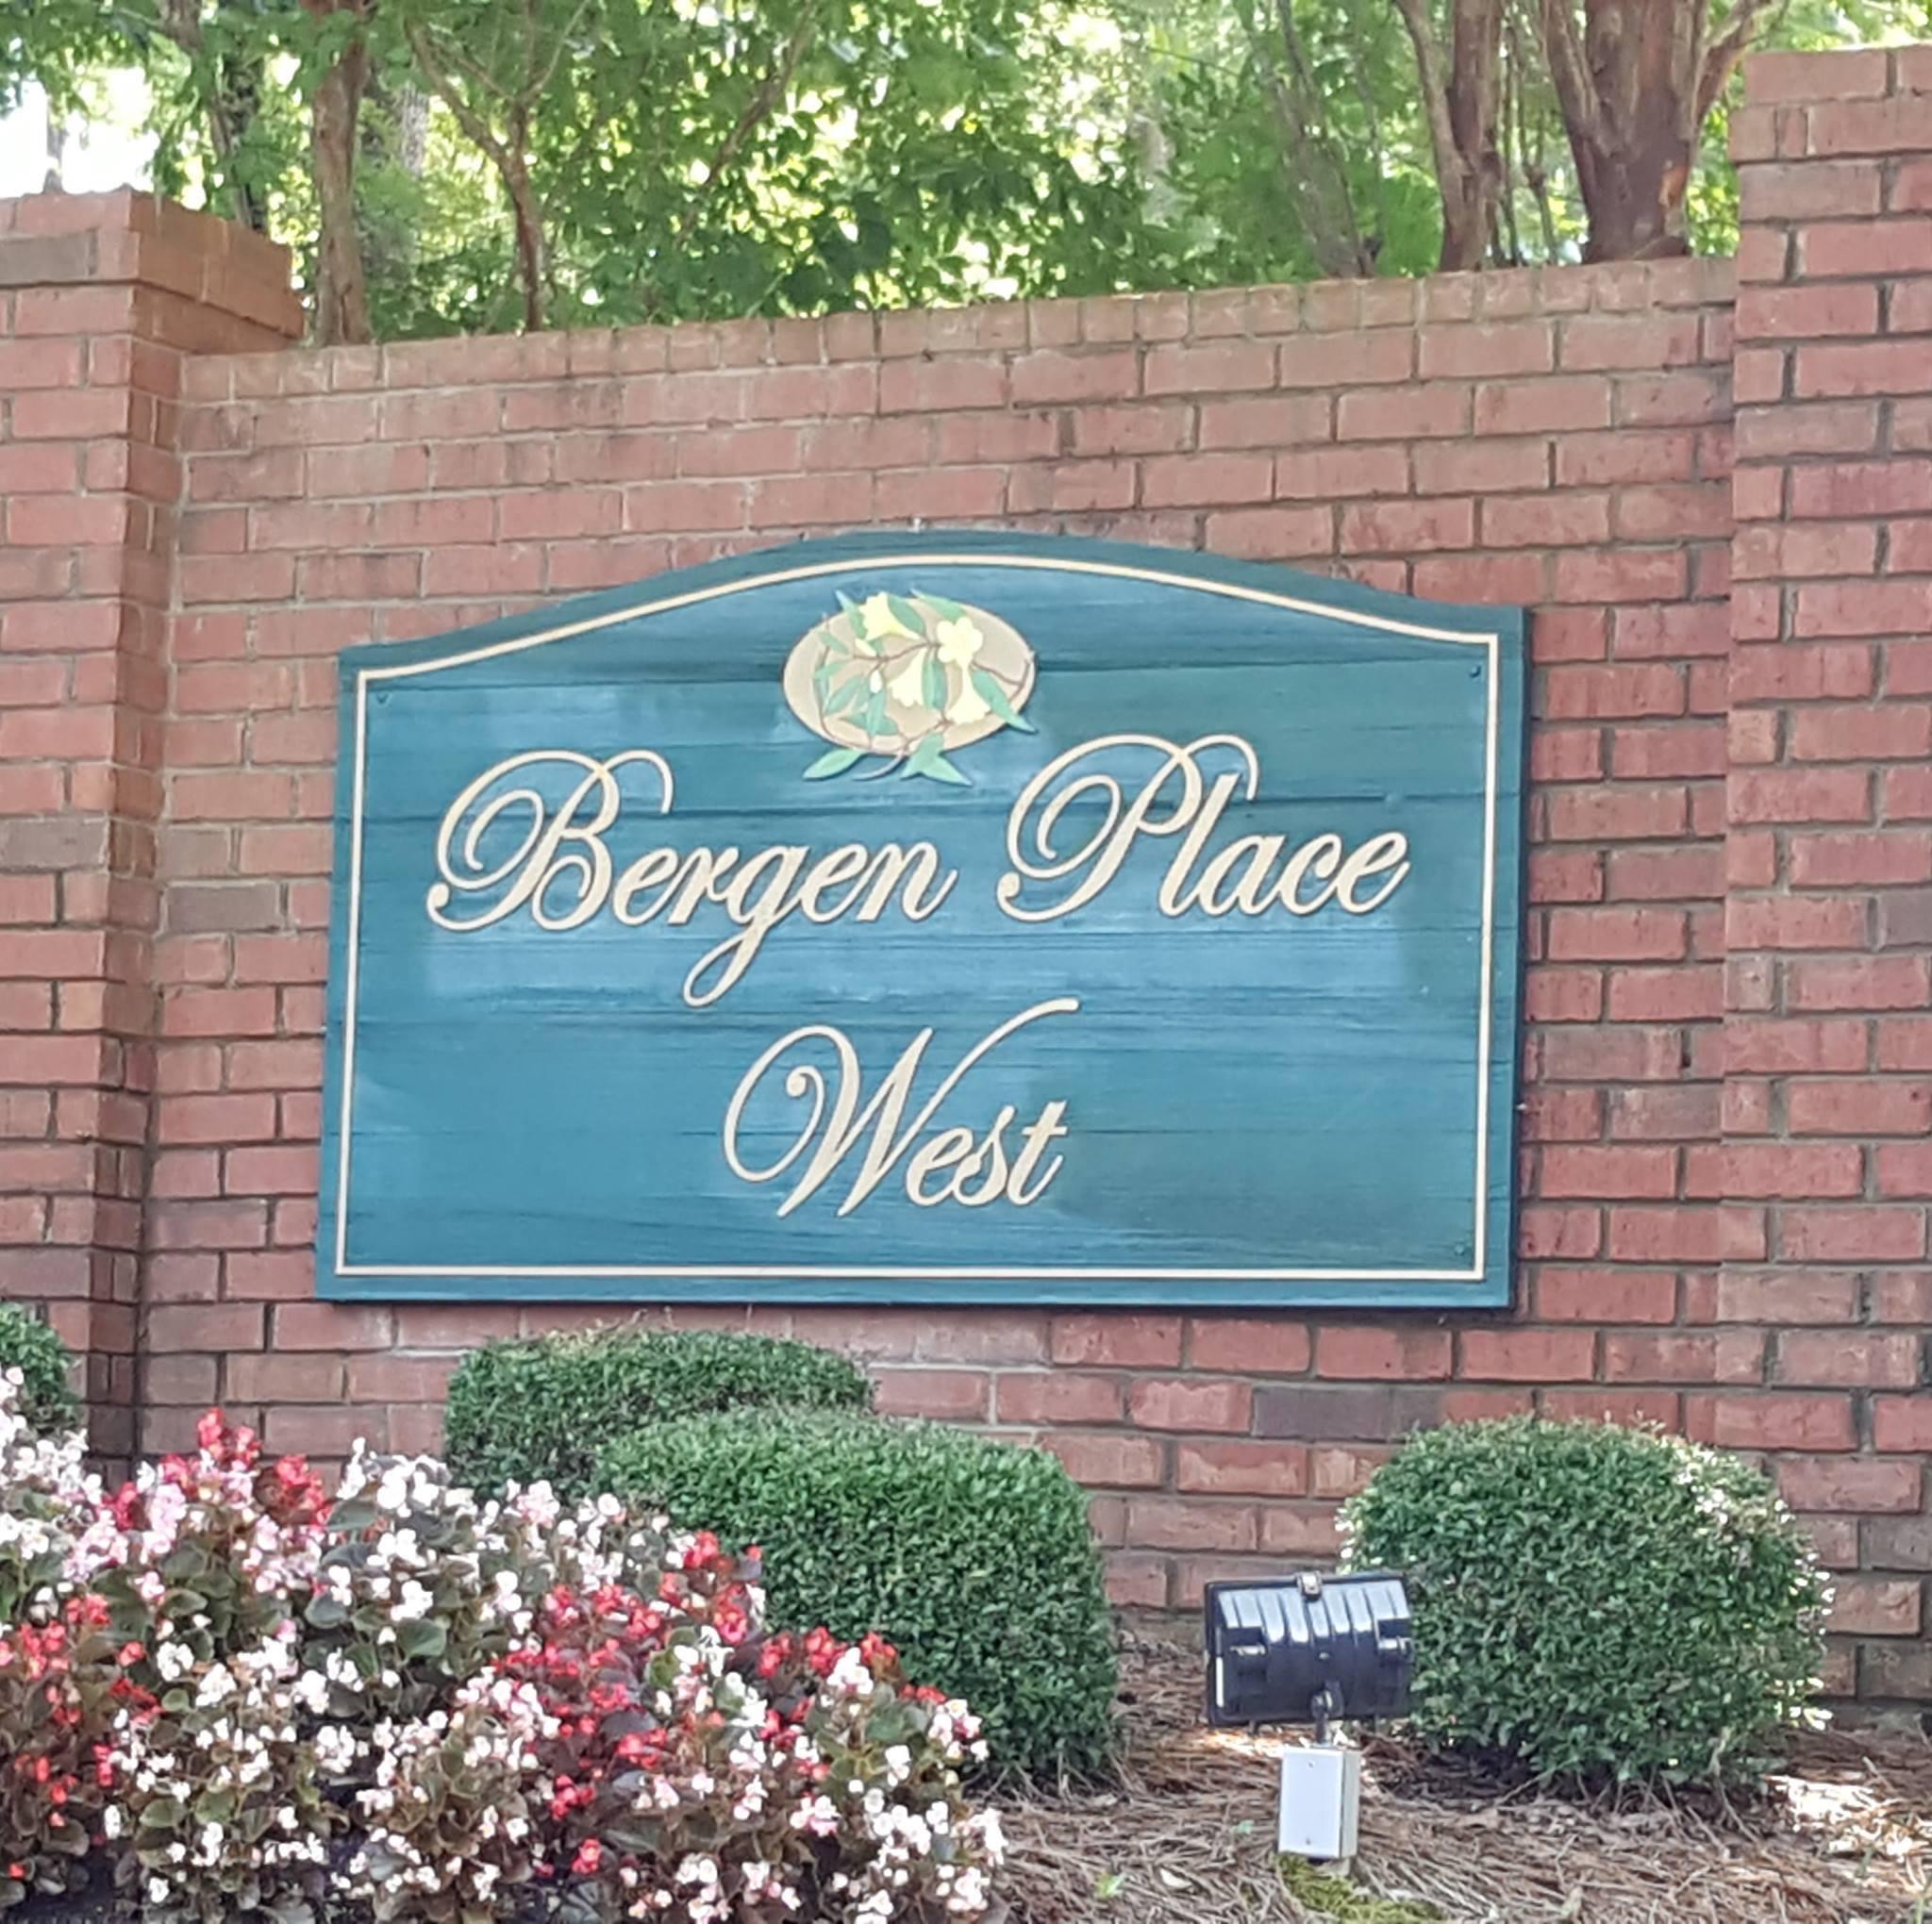 Bergen Place West community image